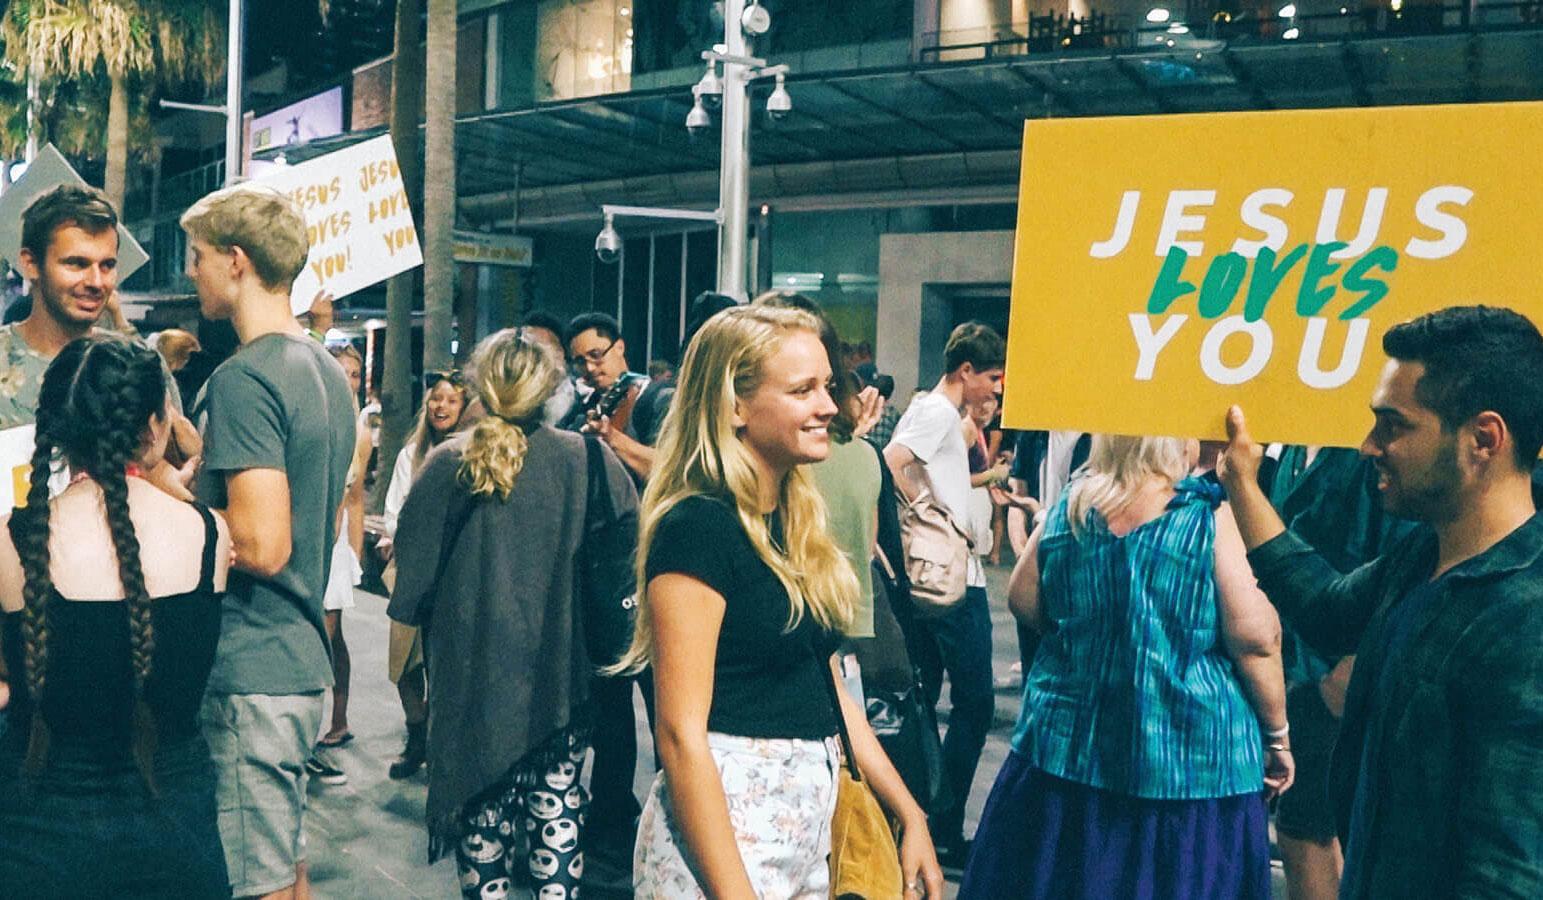 Empowering peer-to-peer evangelism||Learn More